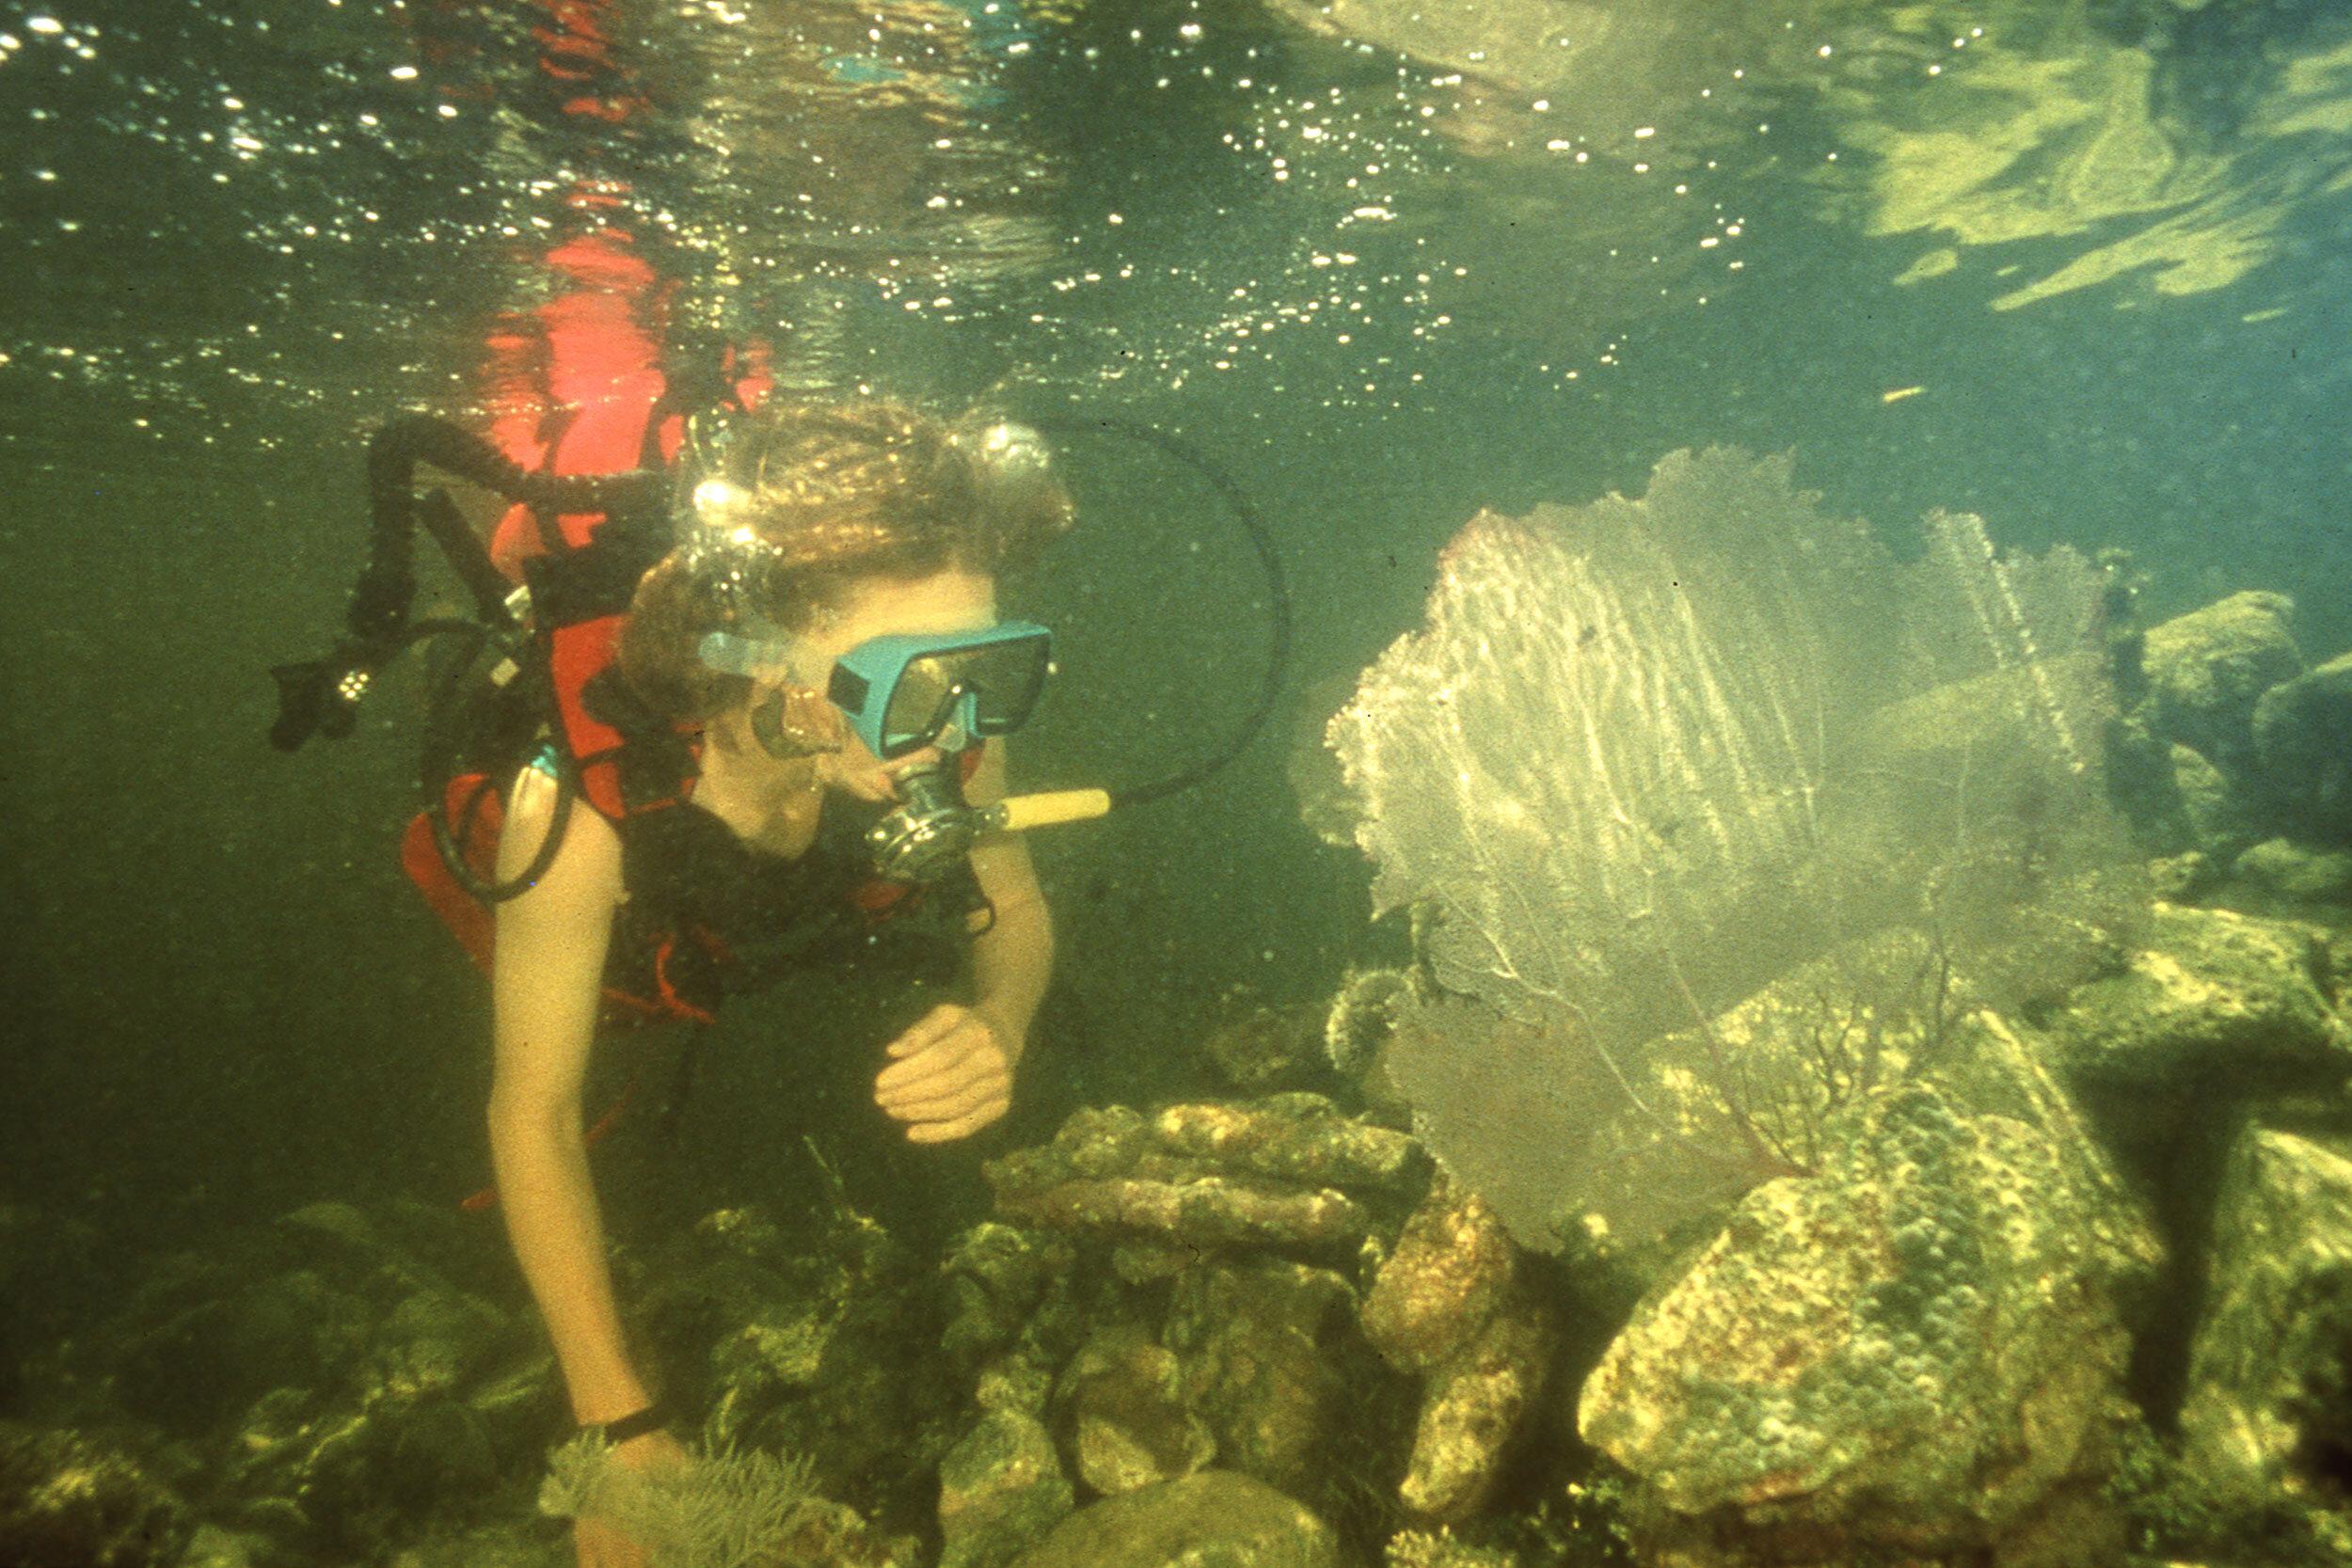 Biosphere inspecting coral reef in the ocean biome